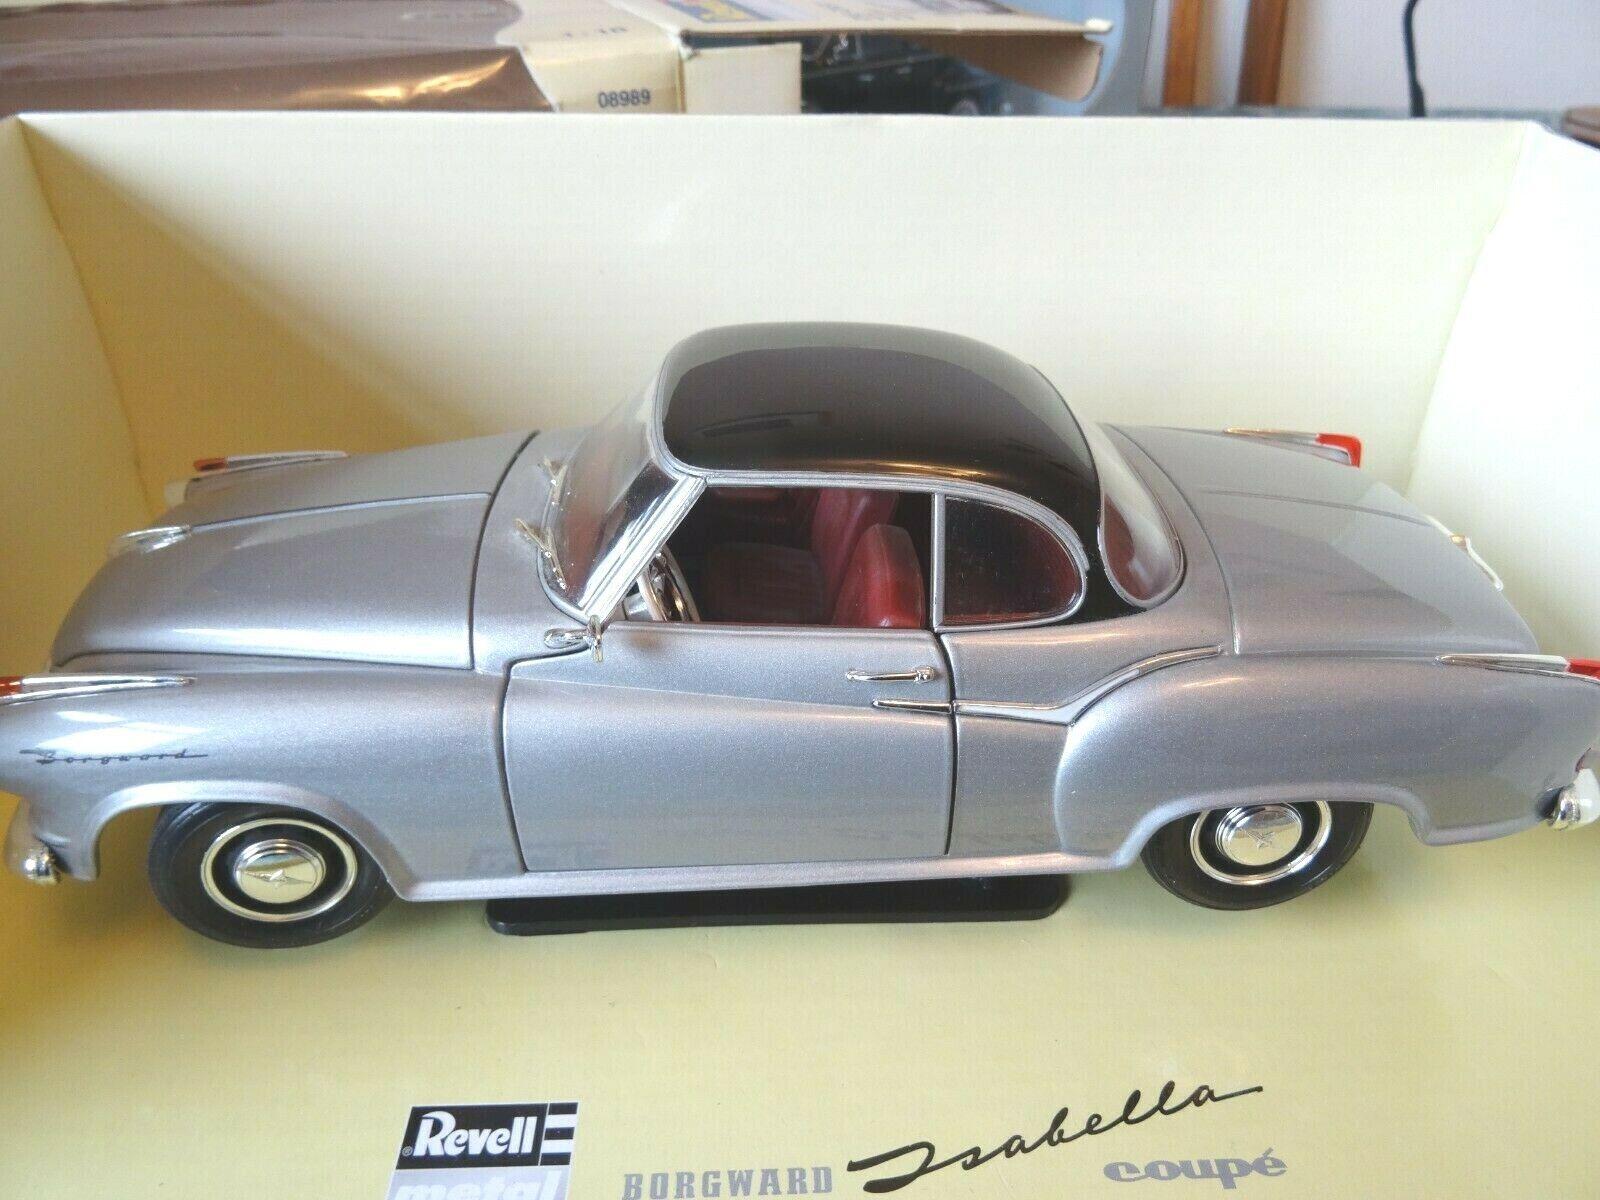 Borgward Isabella  SCALA 1957 1 18 Nero argentoo REVELL di metallo 08989